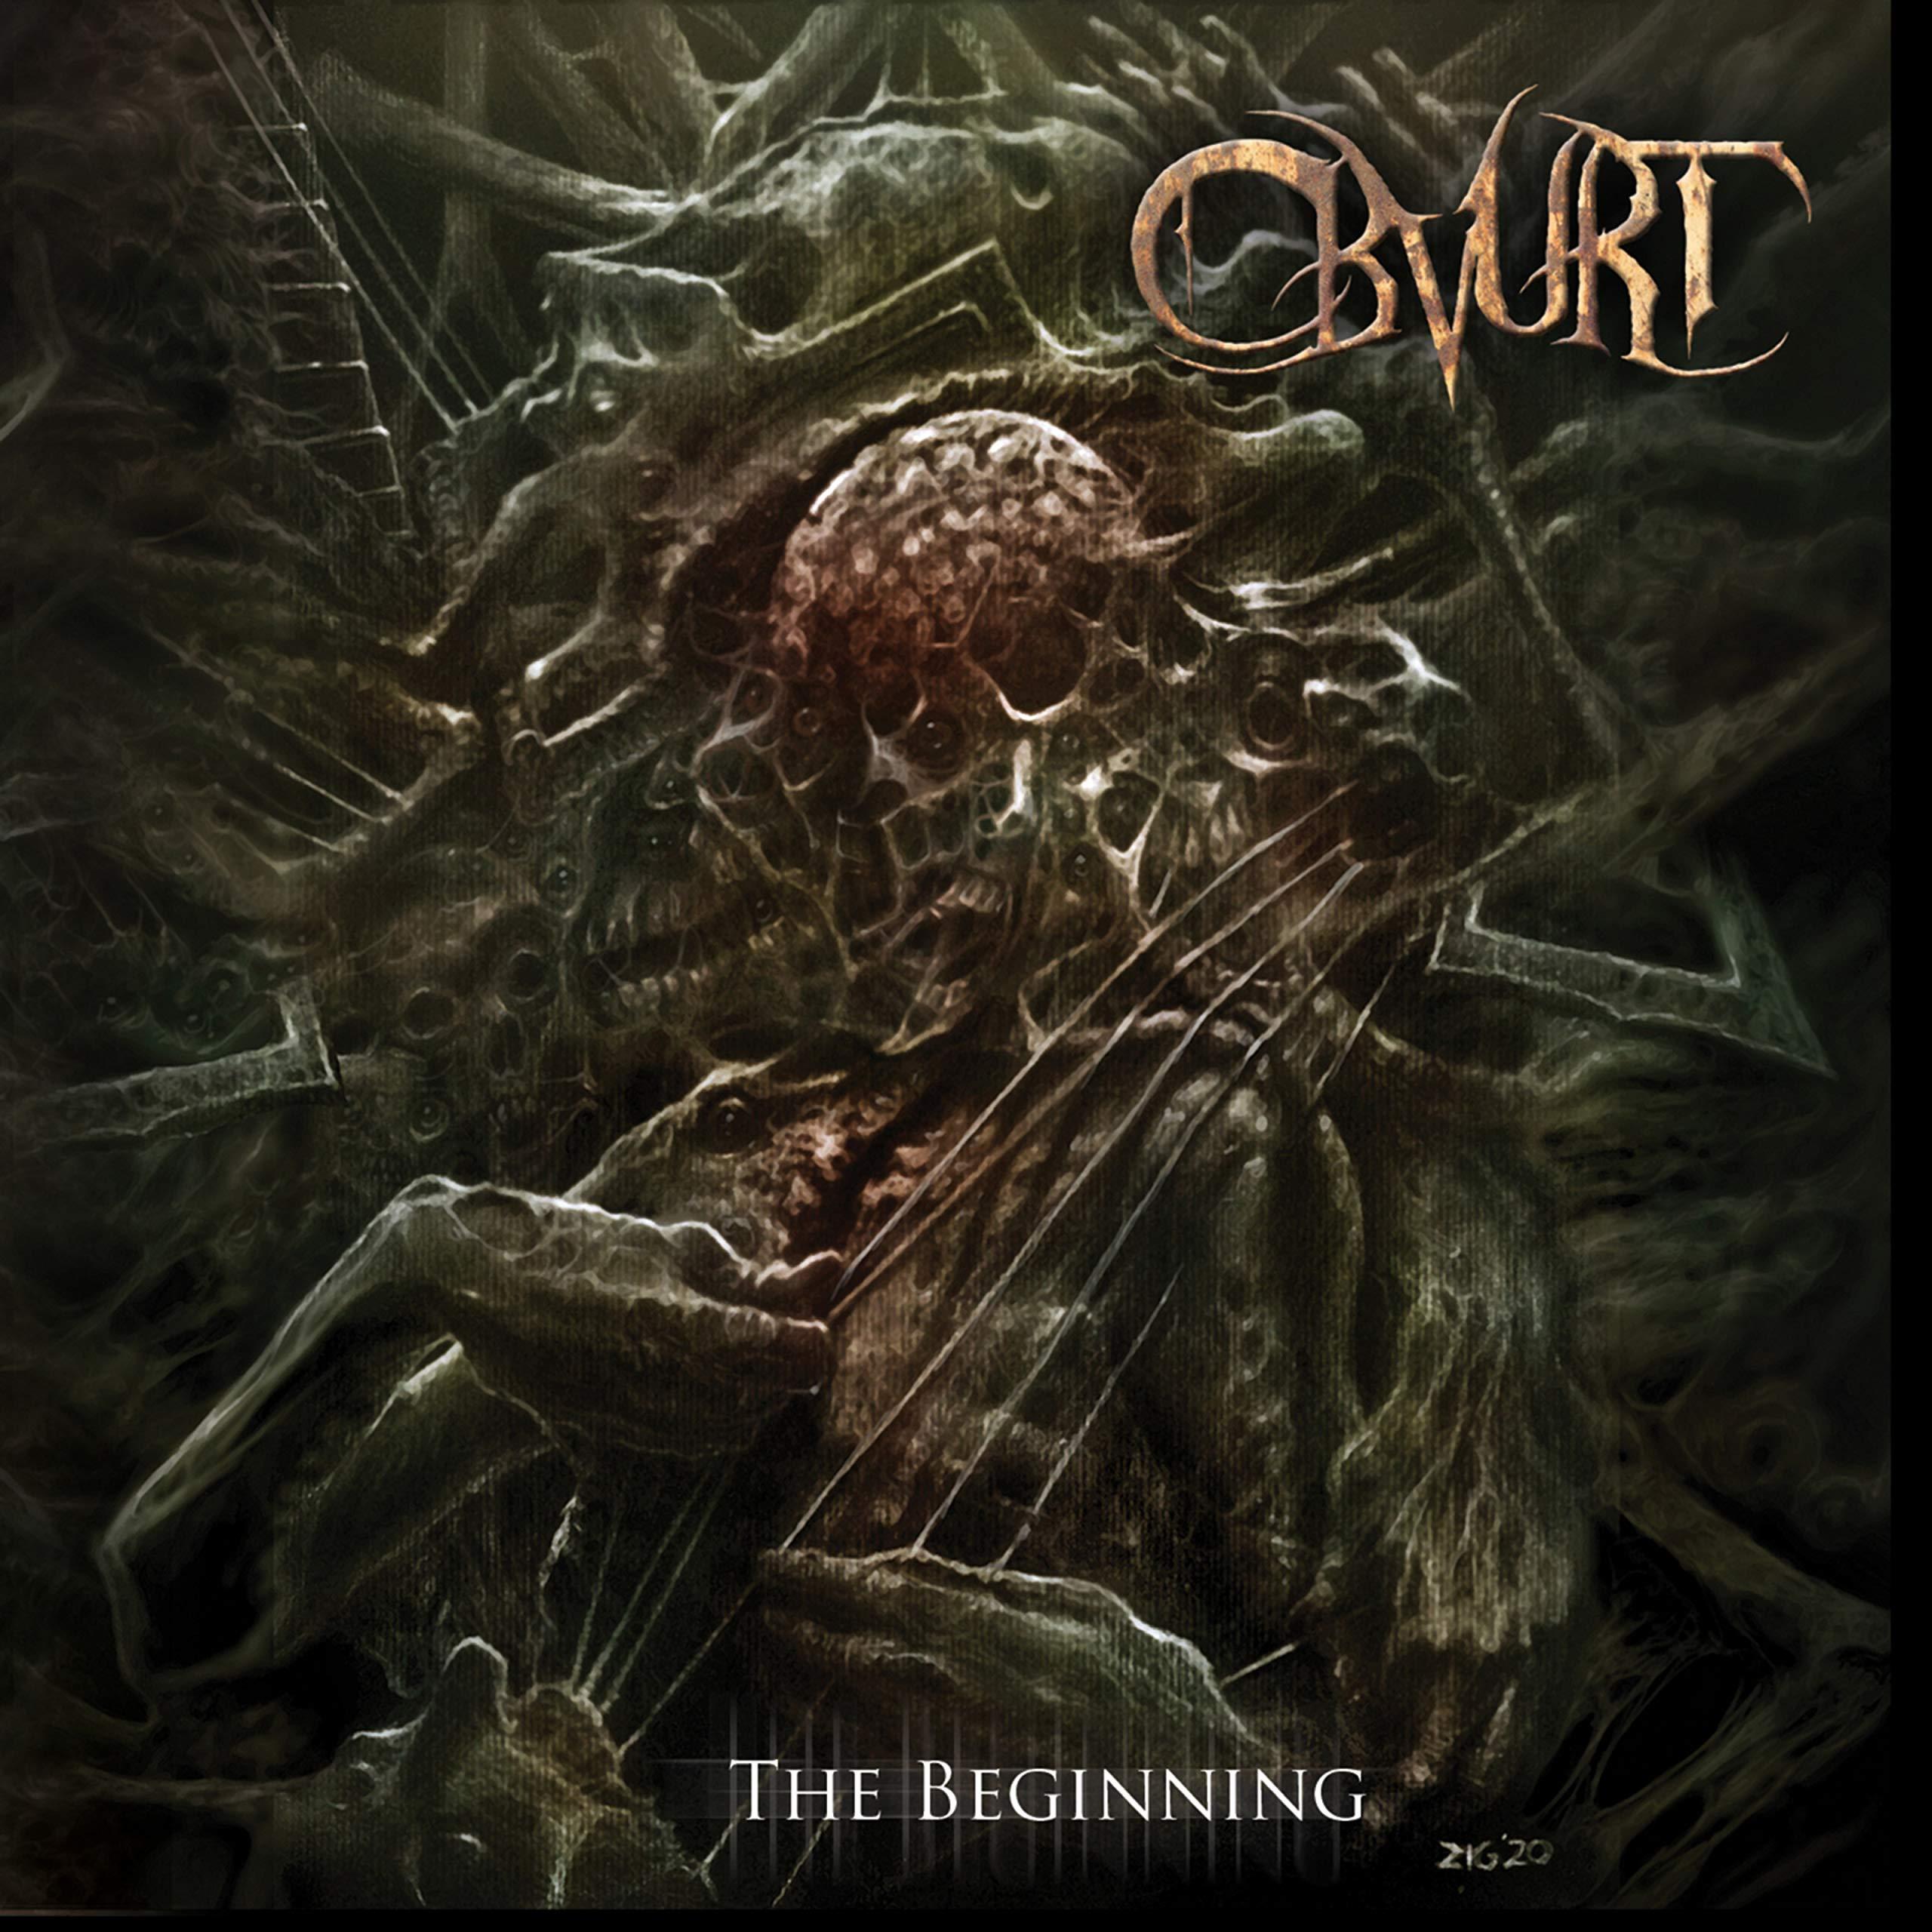 Obvurt - The Beginning (2021) [FLAC] Download